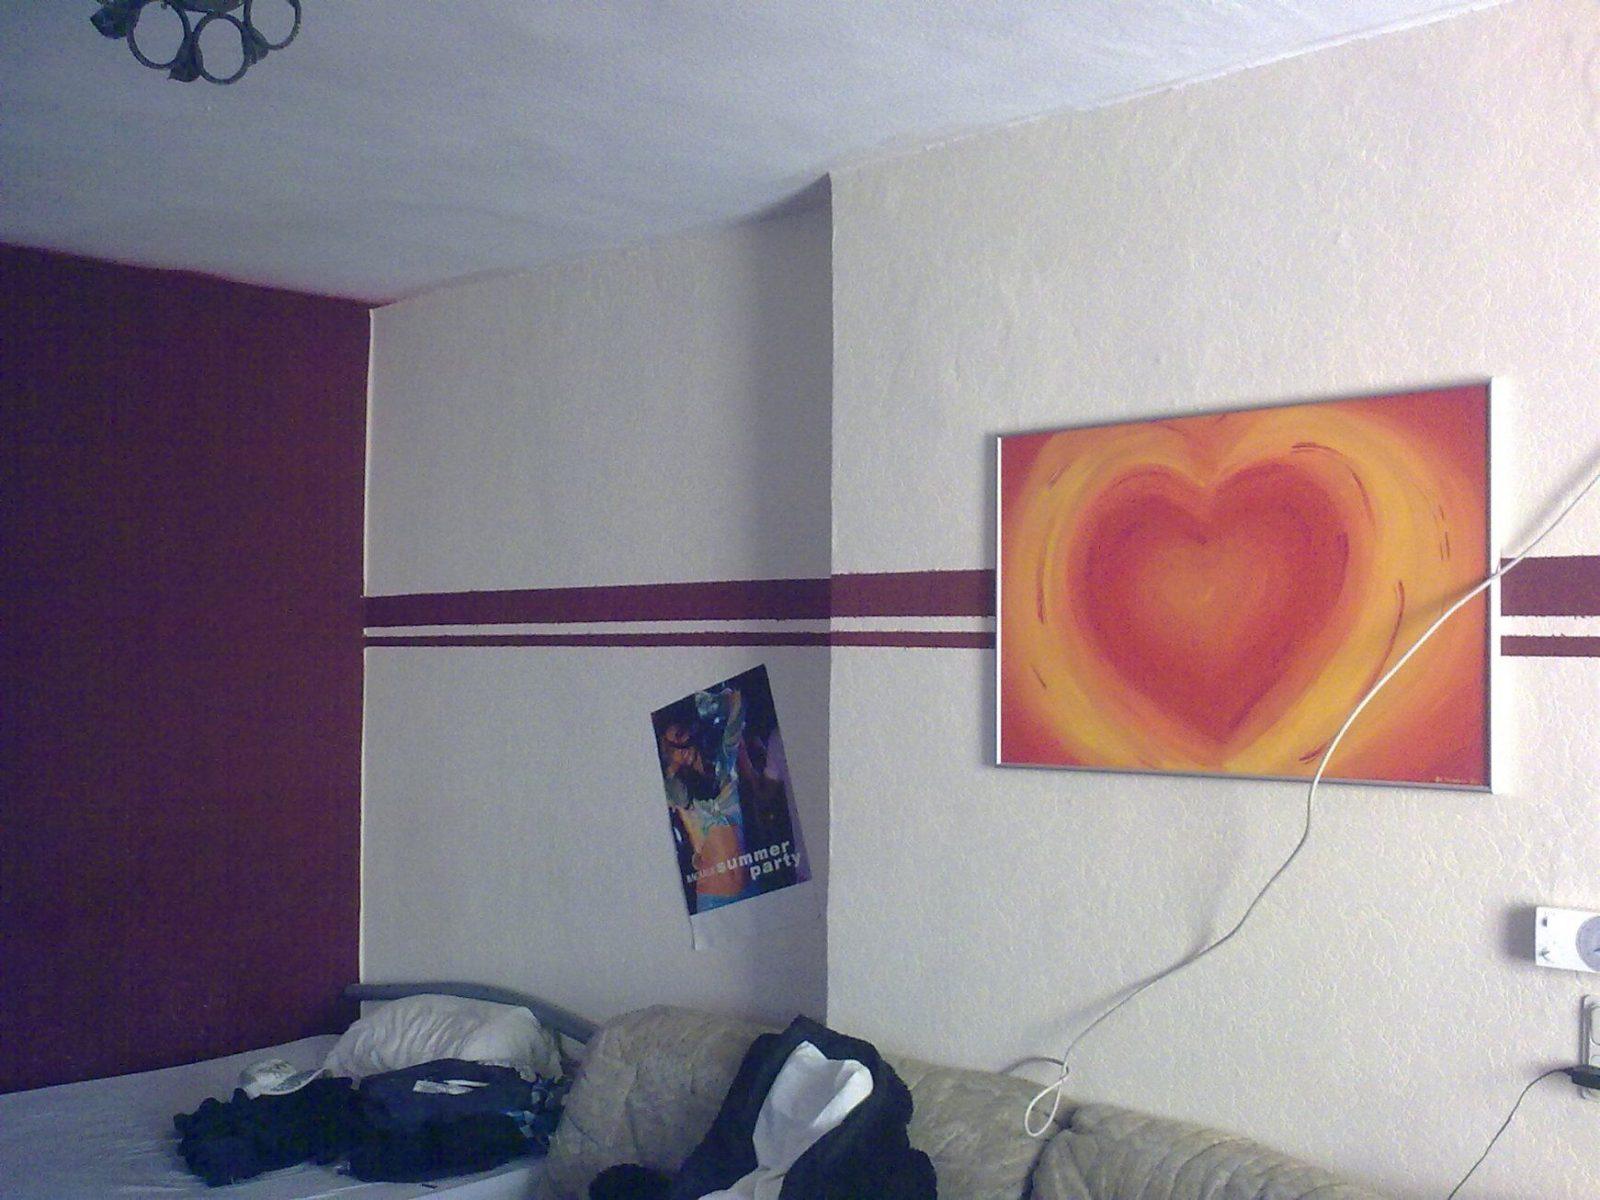 ... Ideen In Einfach Wandstreifen Malen Streifen Wand Abkleben Acryl On Von Streifen  Streichen Abkleben Acryl Bild ...